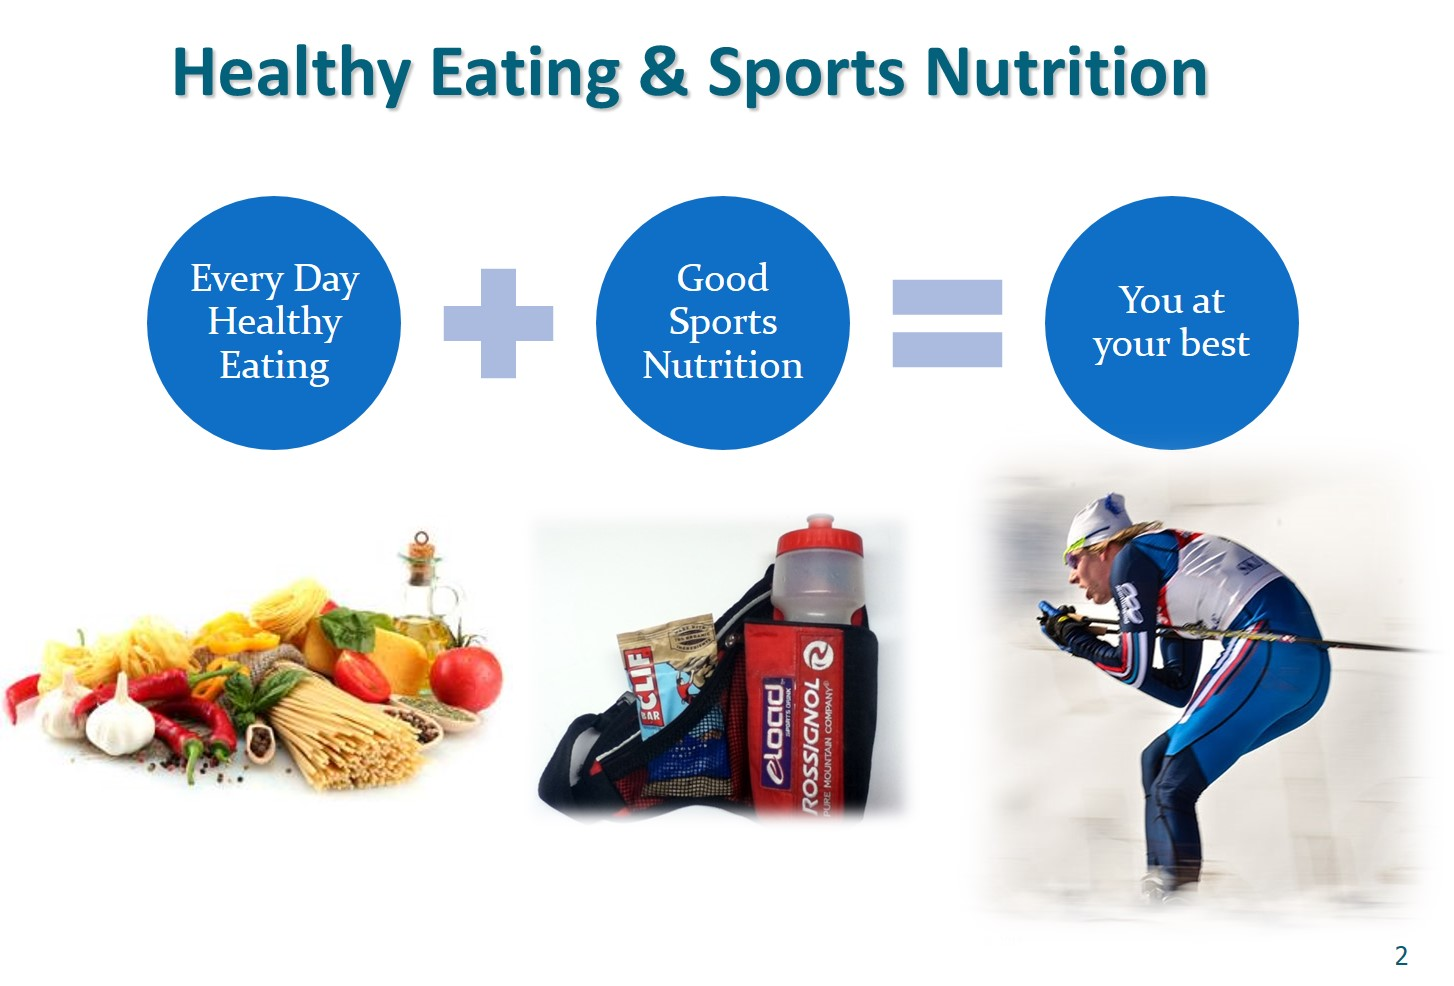 راهنمای بسیار ارزشمند تغذیه در سفر و مسابقات ورزشی